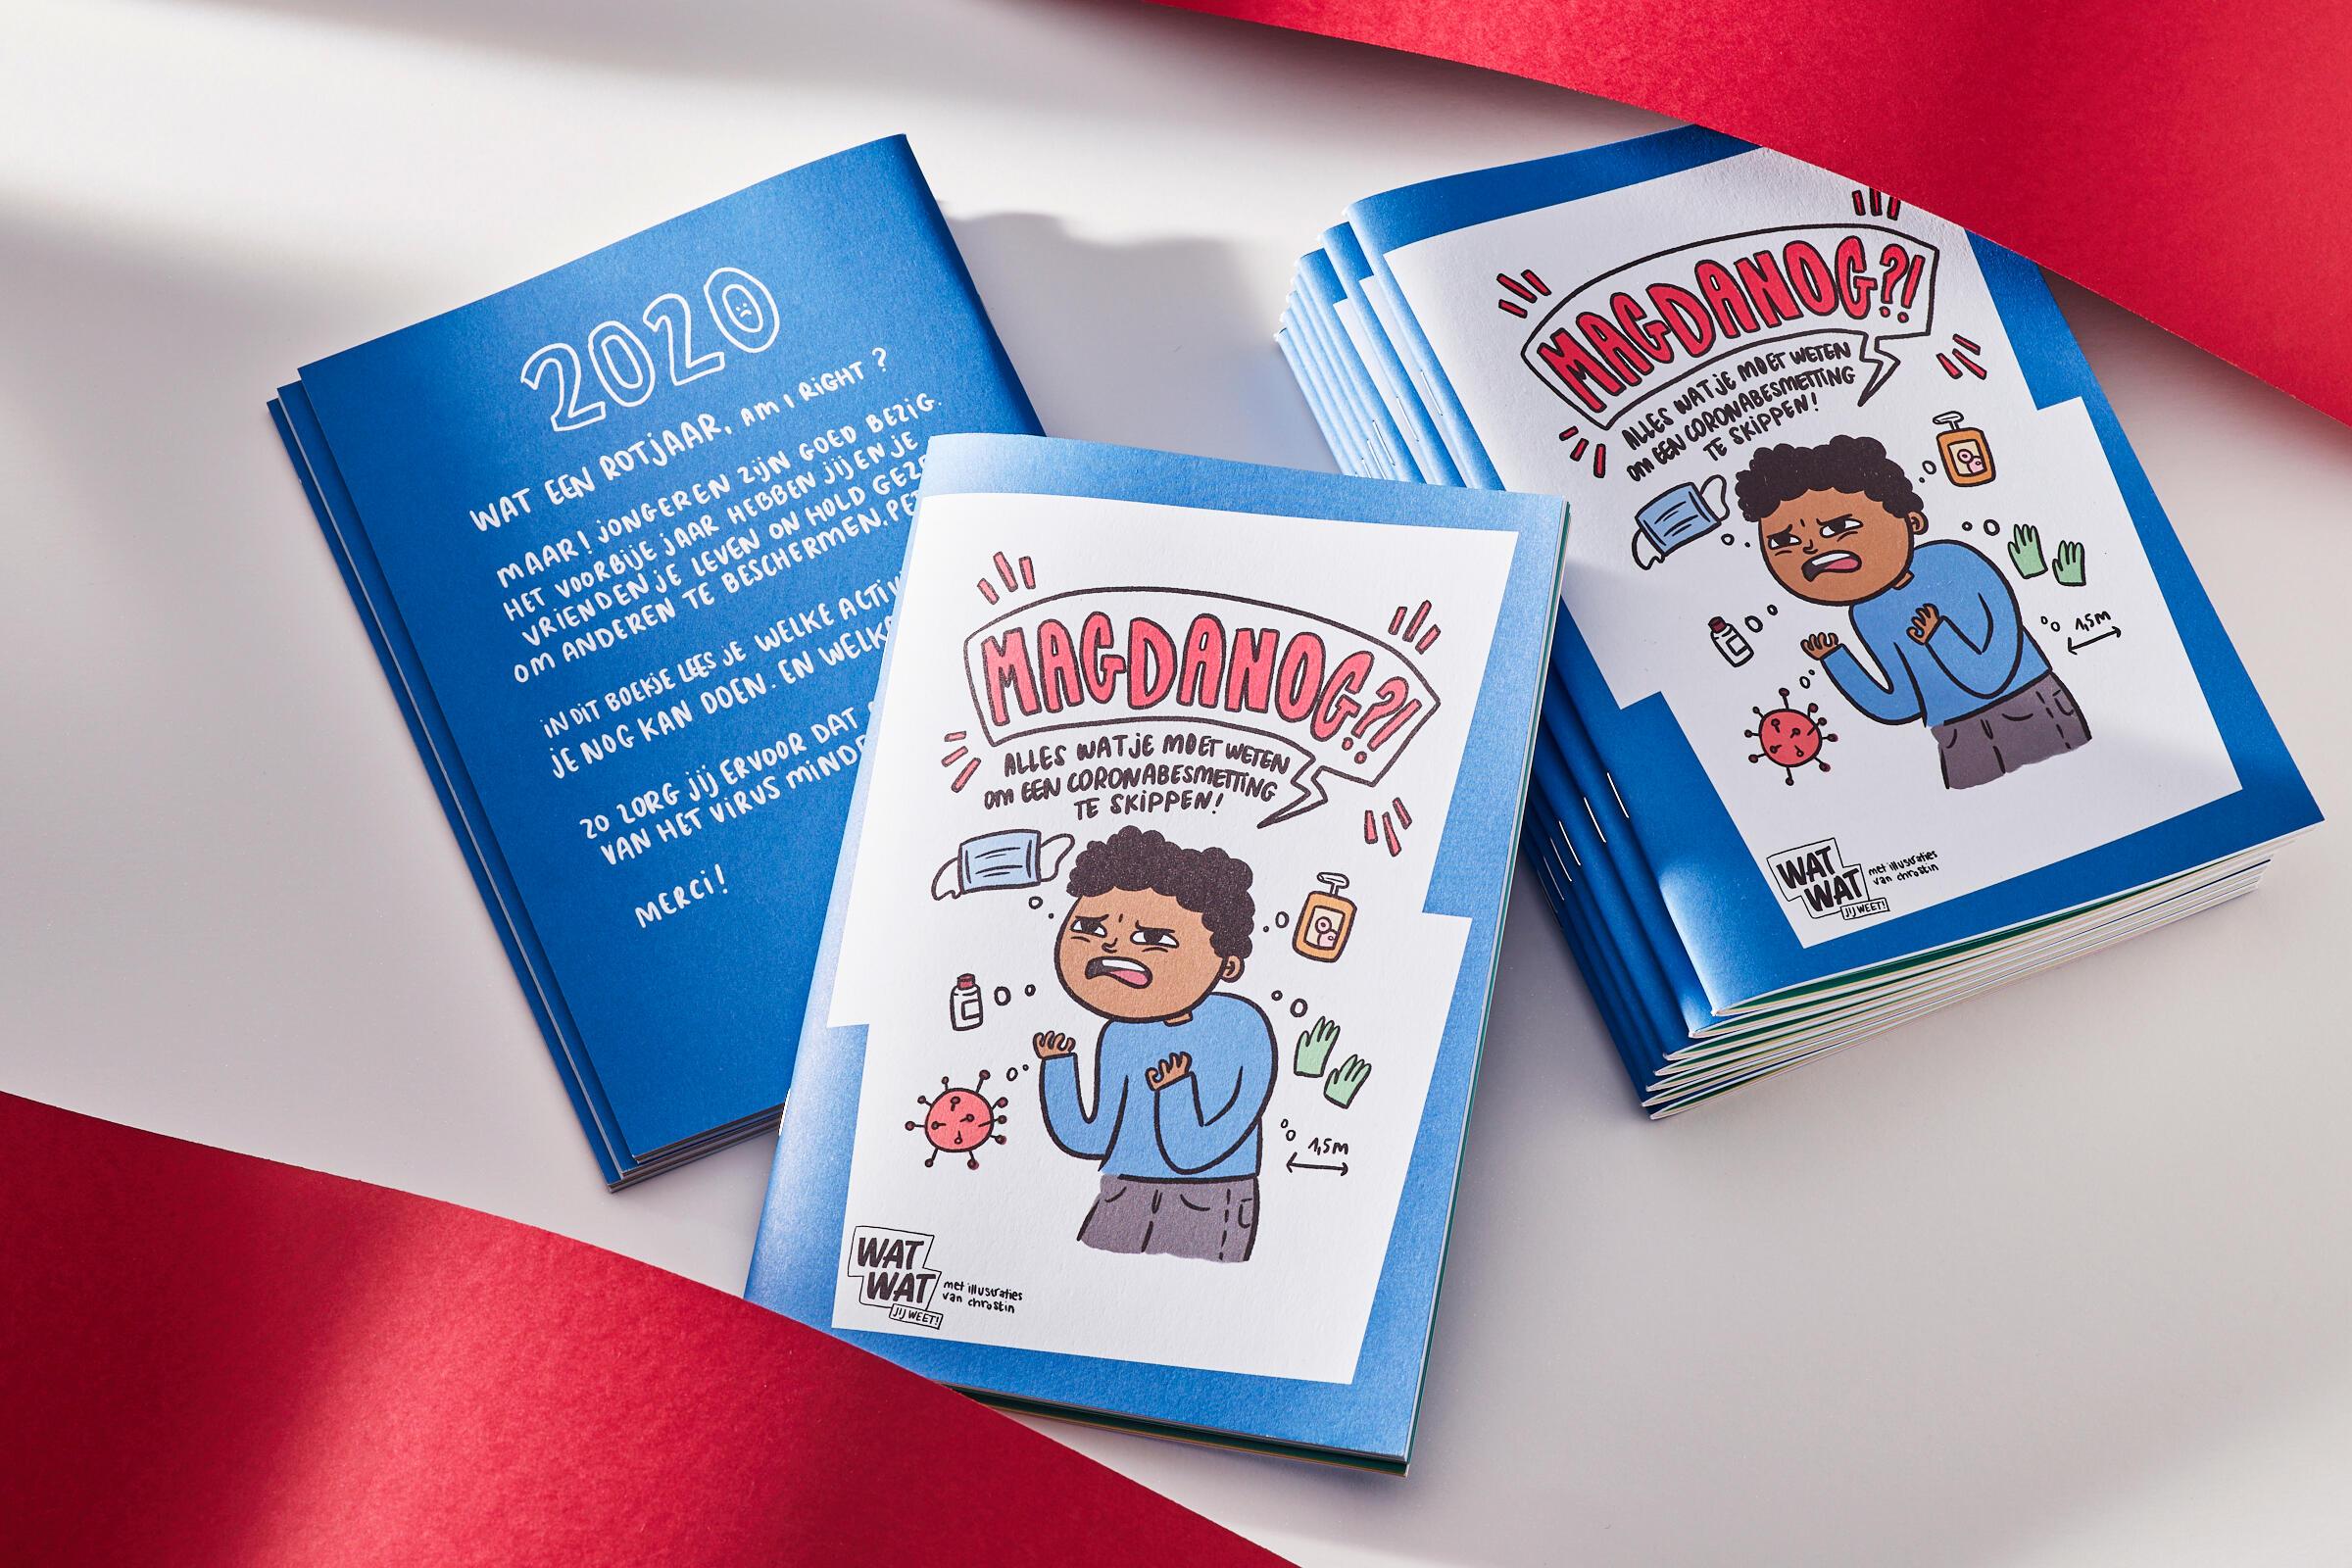 Brochure MAGDANOG?! voor WATWAT